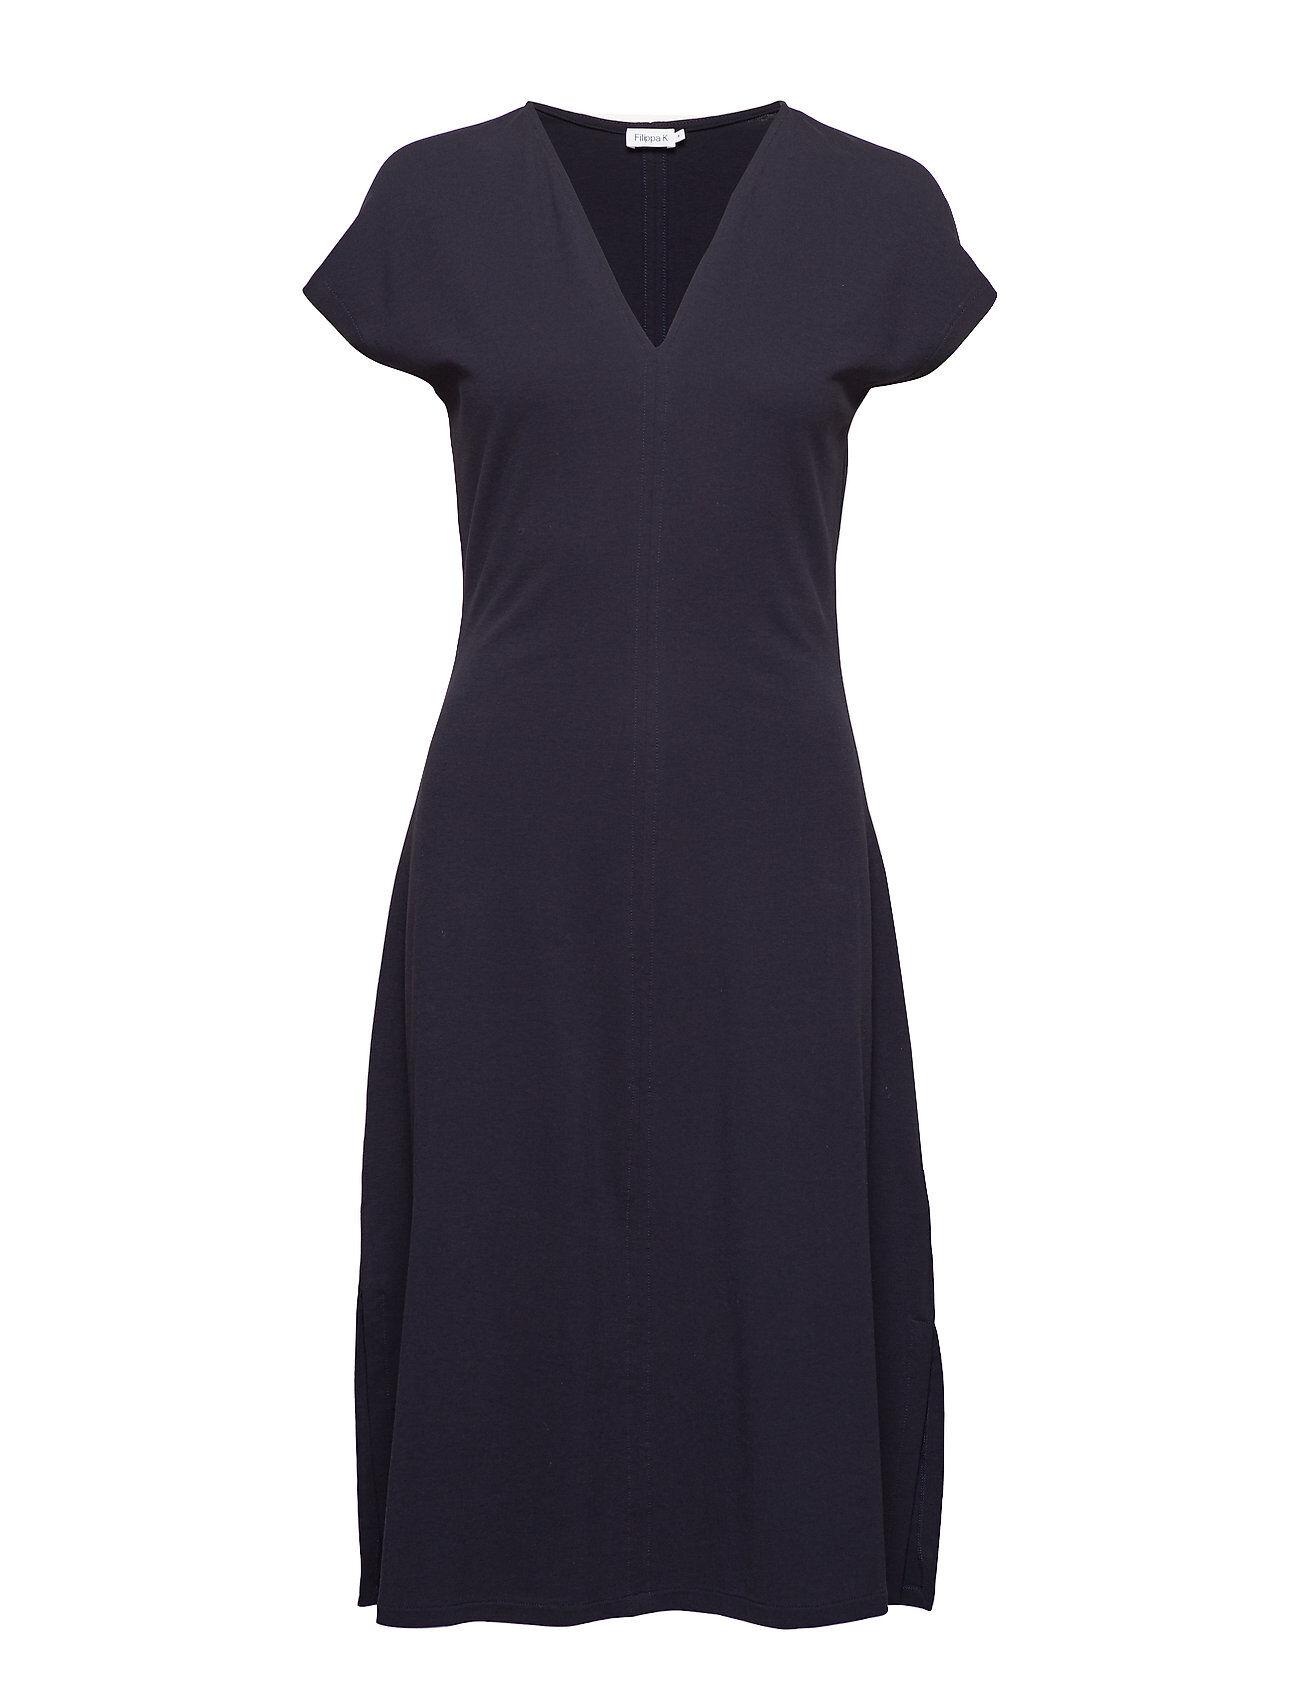 FILIPPA K Clean-Cut Cap Sleeve Dress Polvipituinen Mekko Sininen FILIPPA K